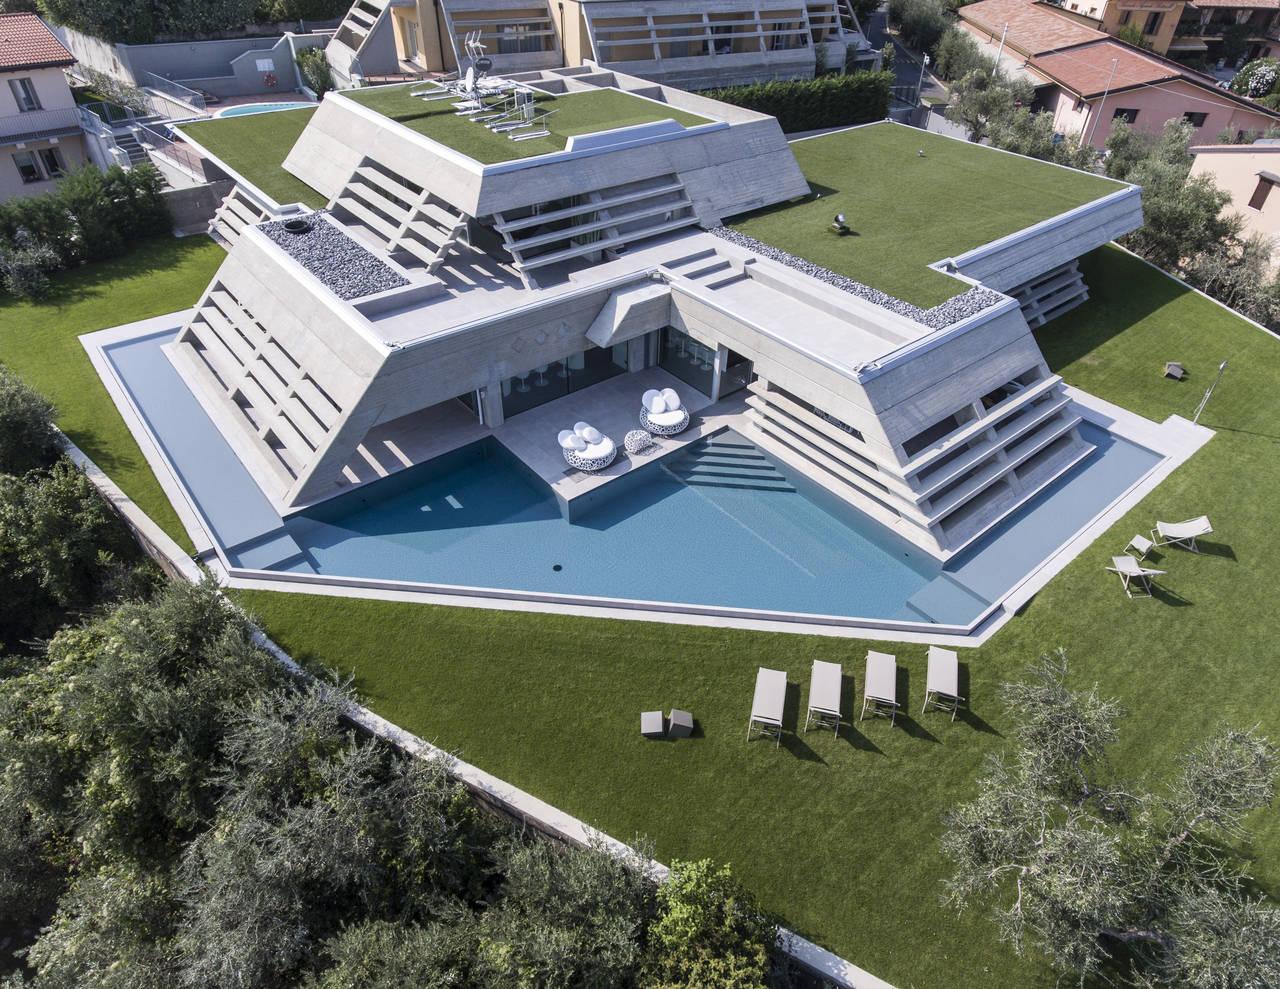 Piscine castiglione per villa atelier sul lago di garda area for Castiglione piscine